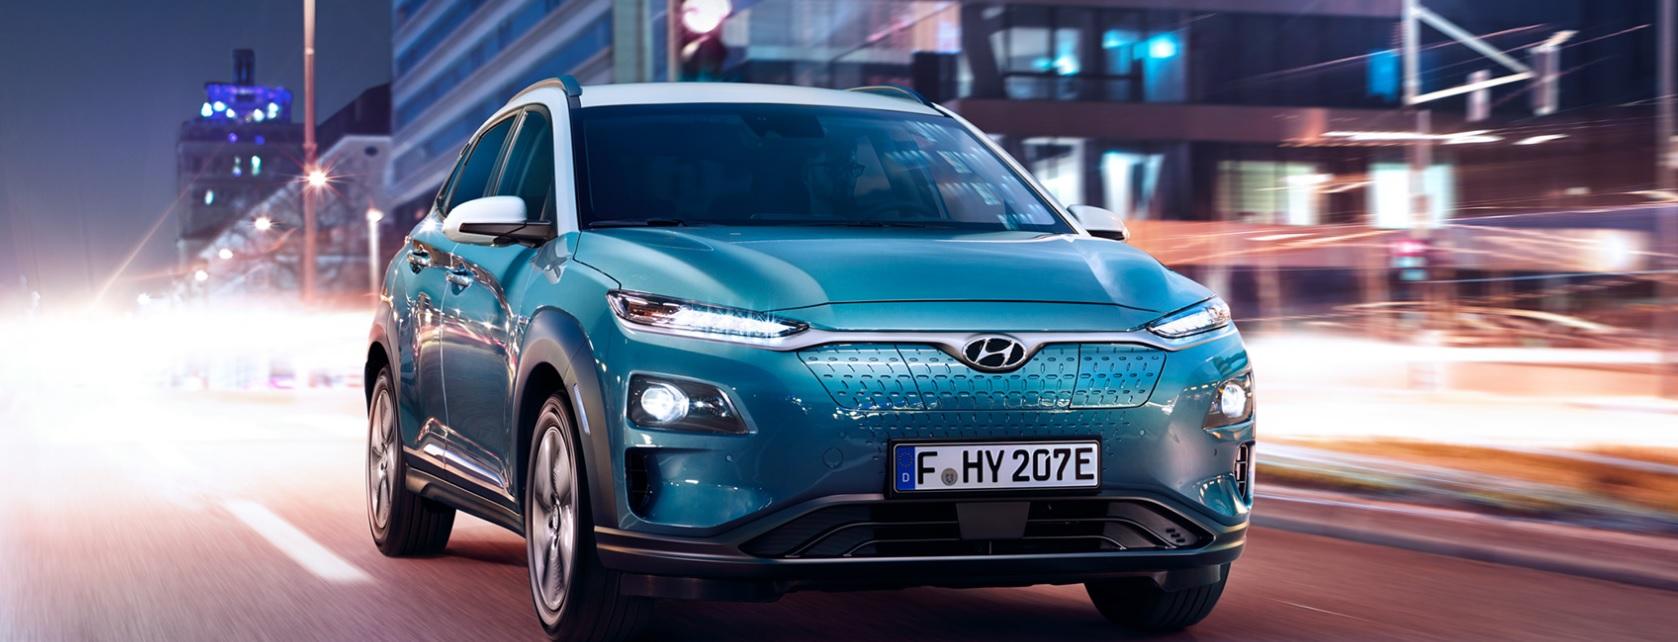 carros eléctricos autônomos